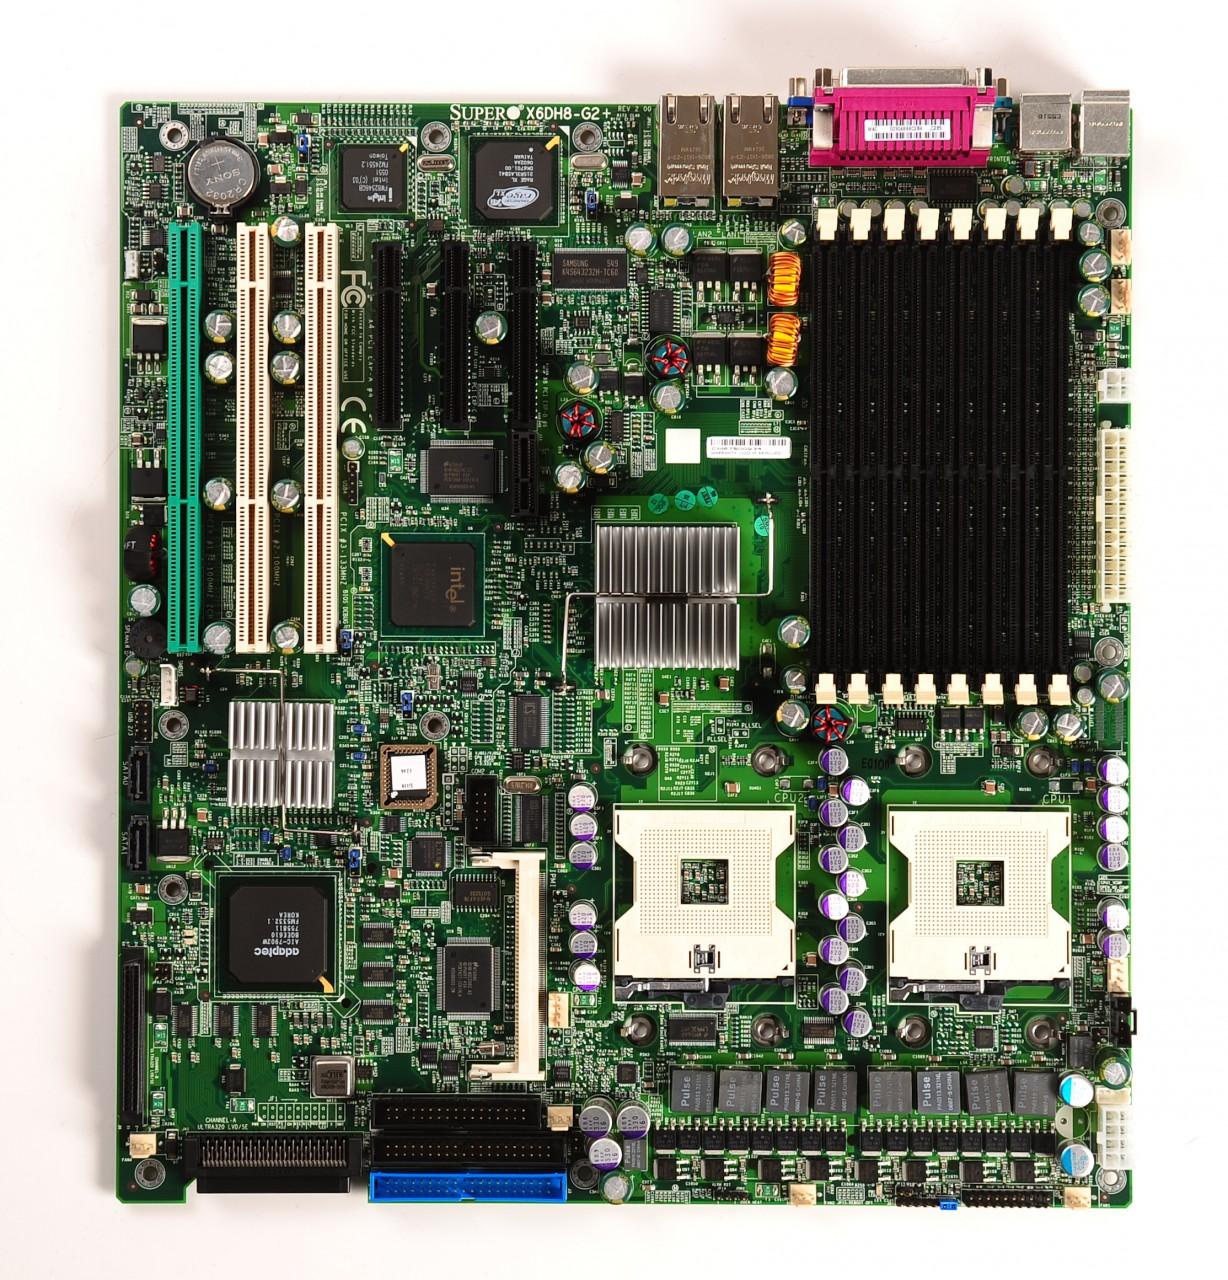 Supermicro-X6DH8-MBD-X6DH8-G2-Dual-604-Serverboard